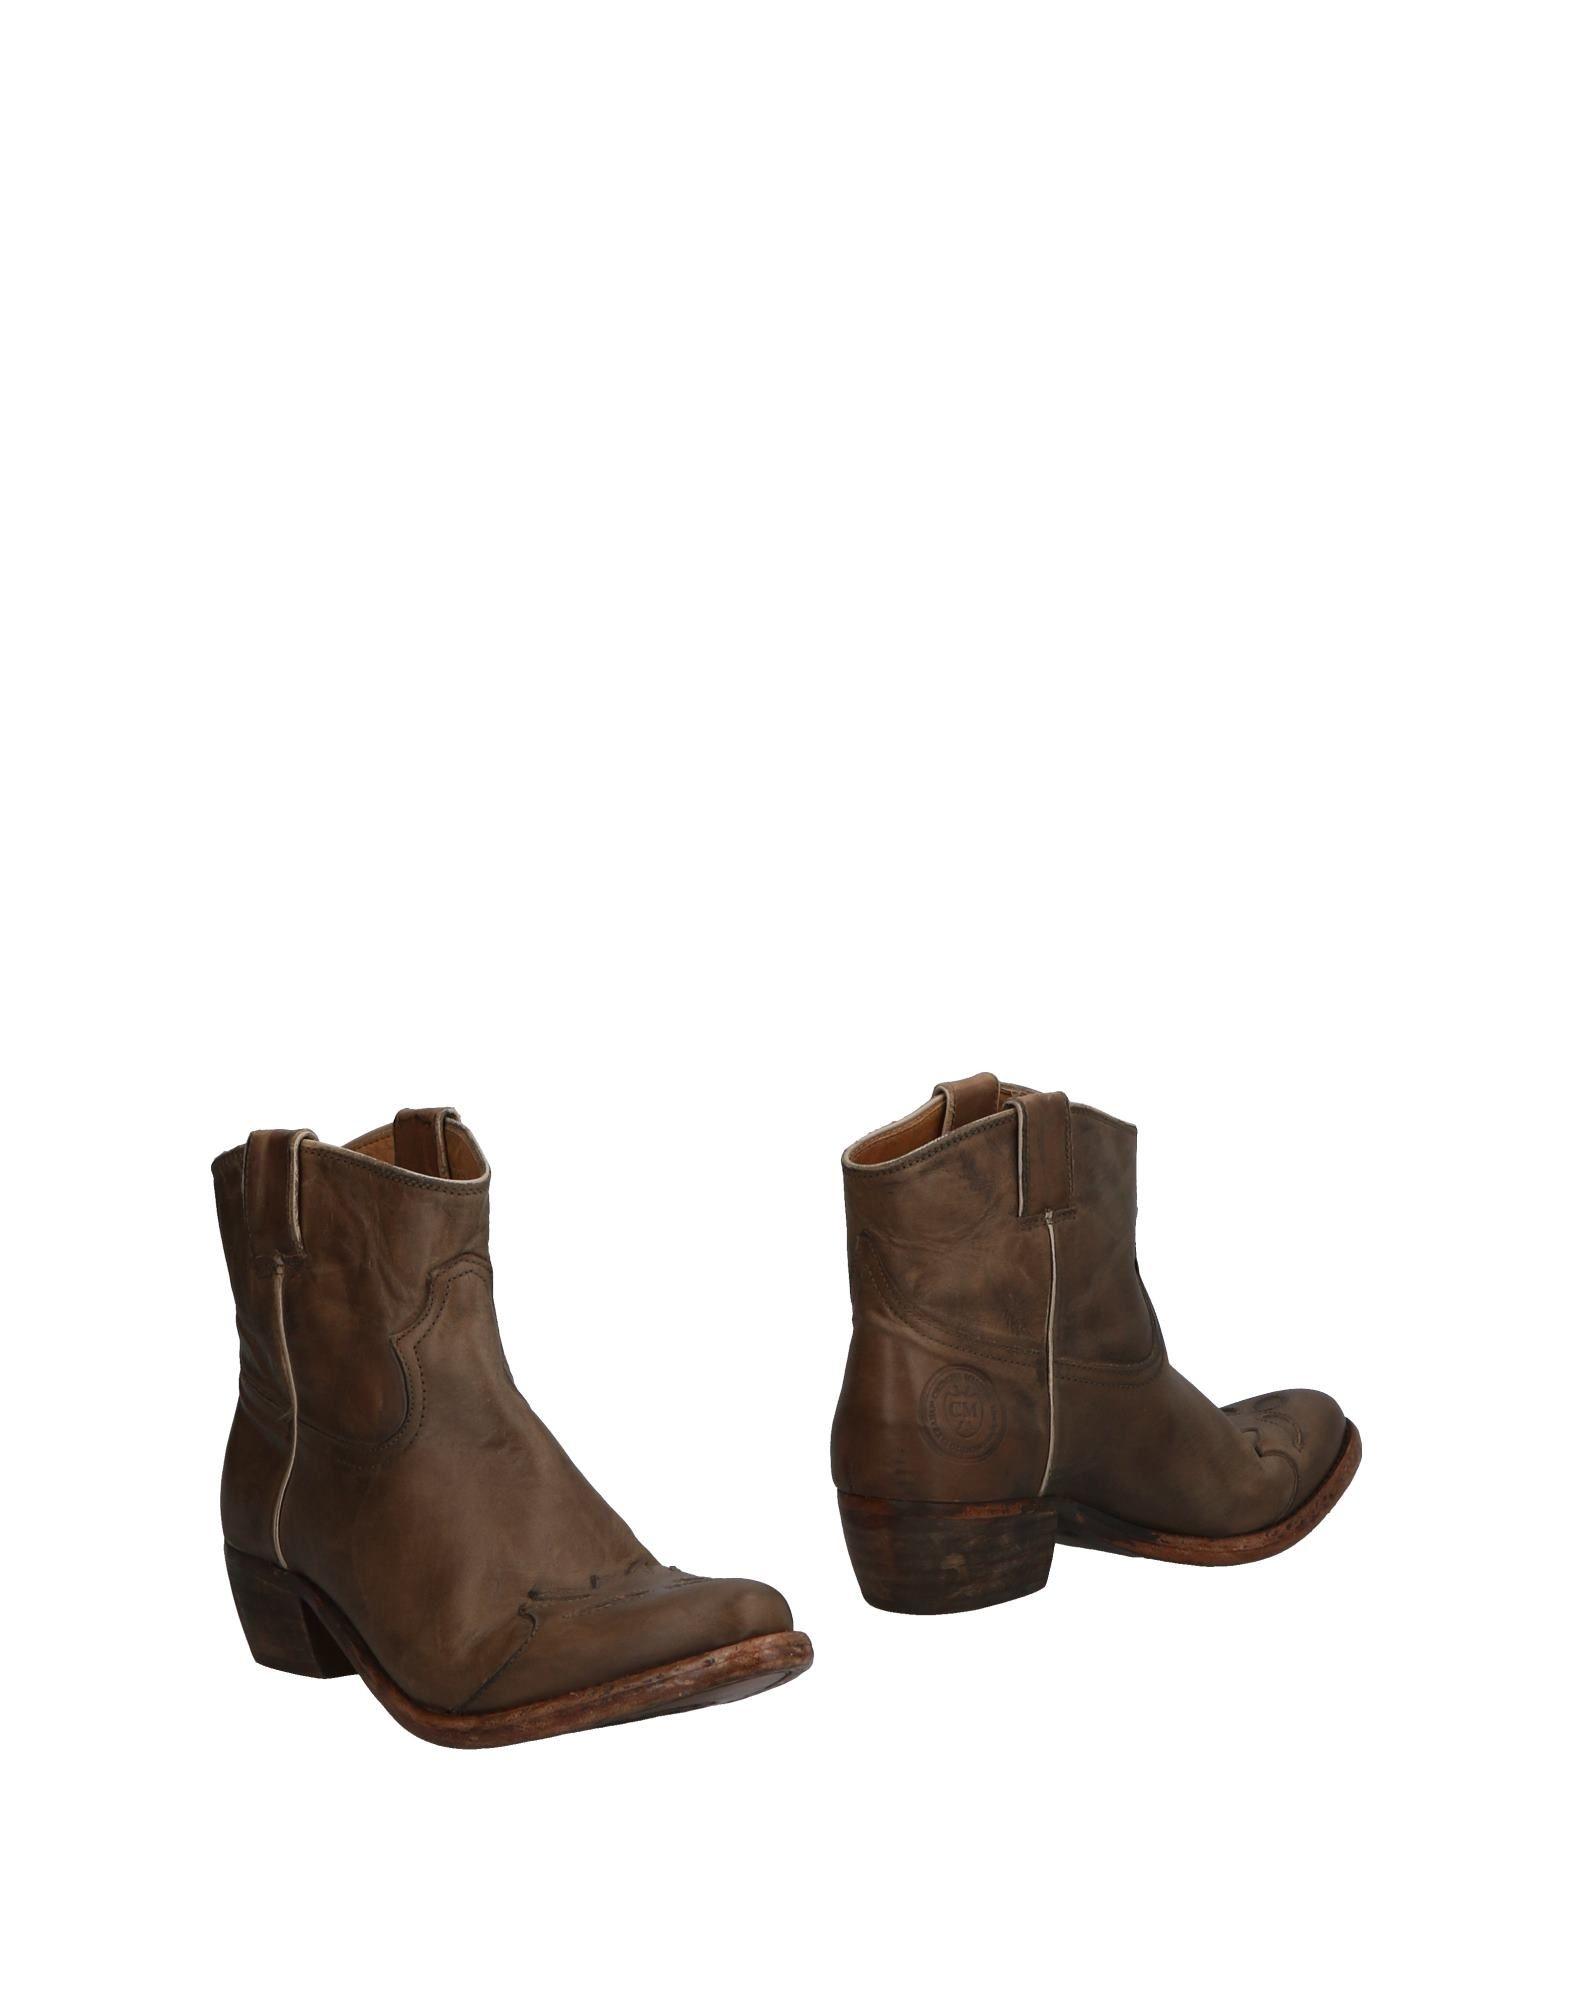 Catarina Martins Stiefelette Schuhe Damen  11507019TI Neue Schuhe Stiefelette a5301f